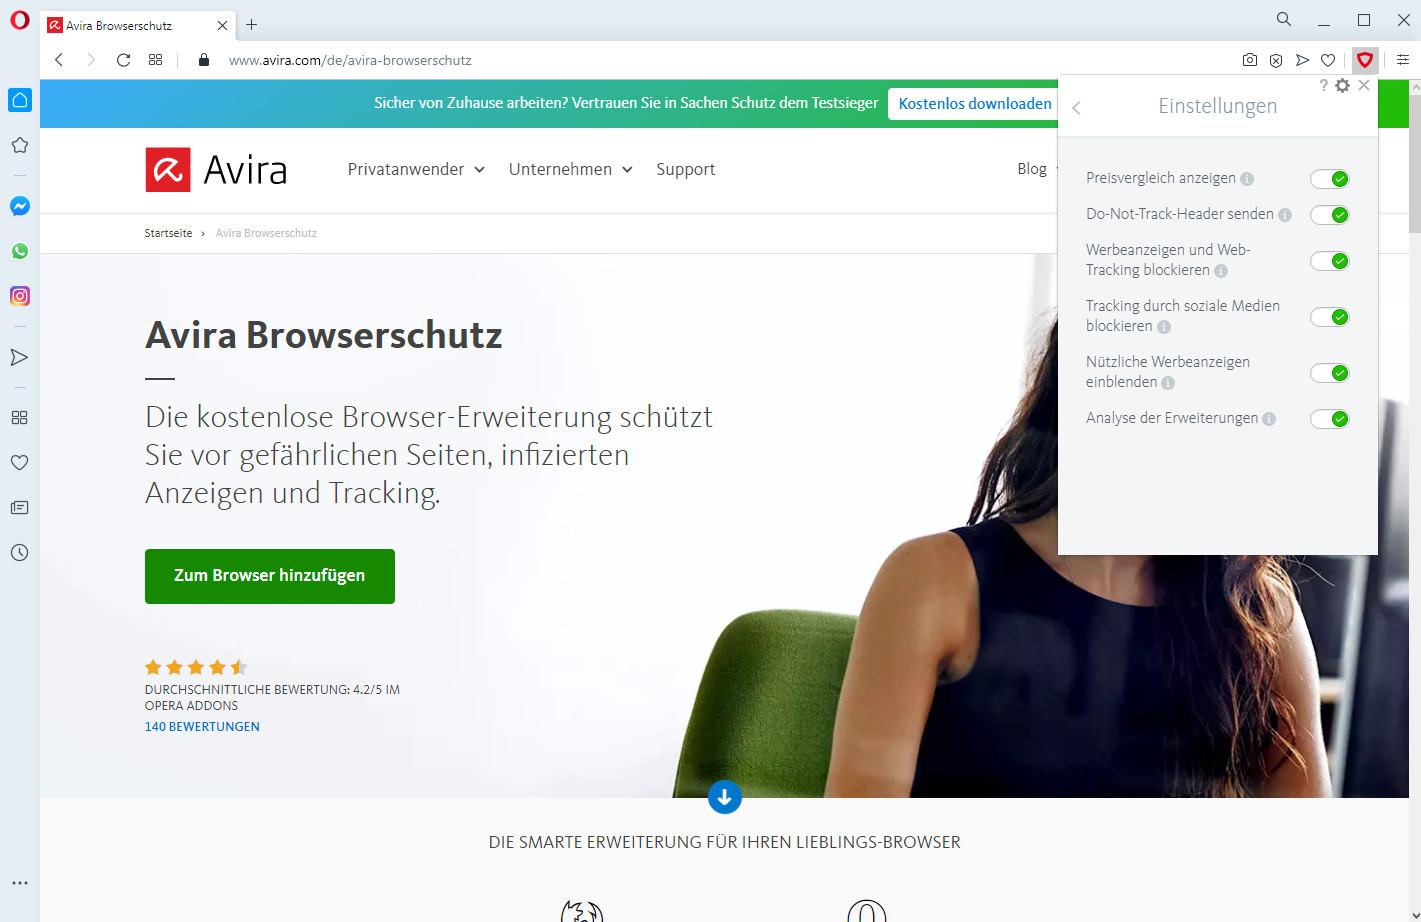 Screenshot 1 - Avira Browserschutz für Opera